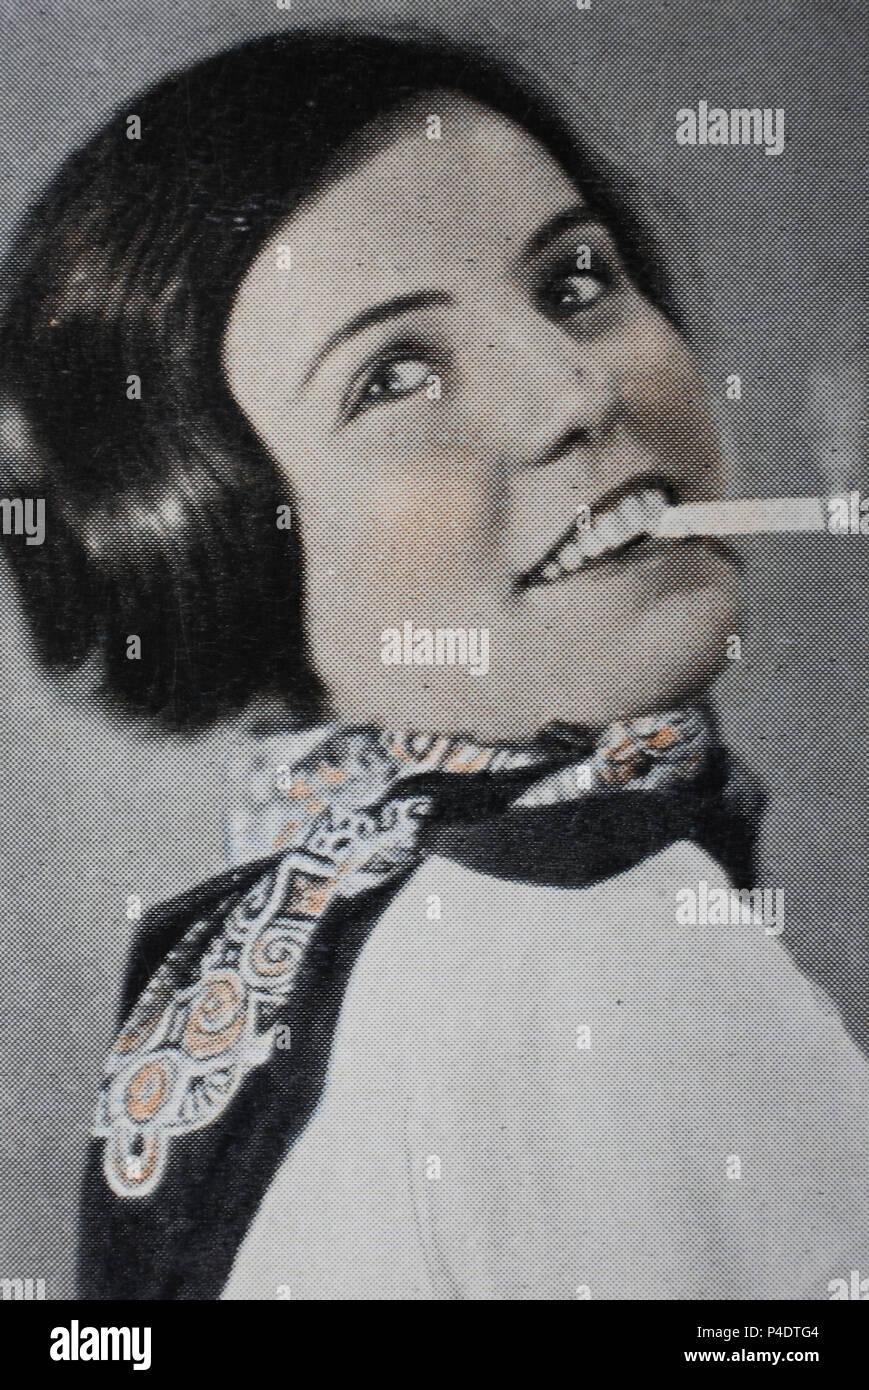 'Erika Streithorst ( 23. April 1908;  30. Juni 1960 in Berlin war eine deutsche Schauspielerin, Dialogautorin und Dialogregisseurin', digital improved reproduction of an historical image - Stock Image